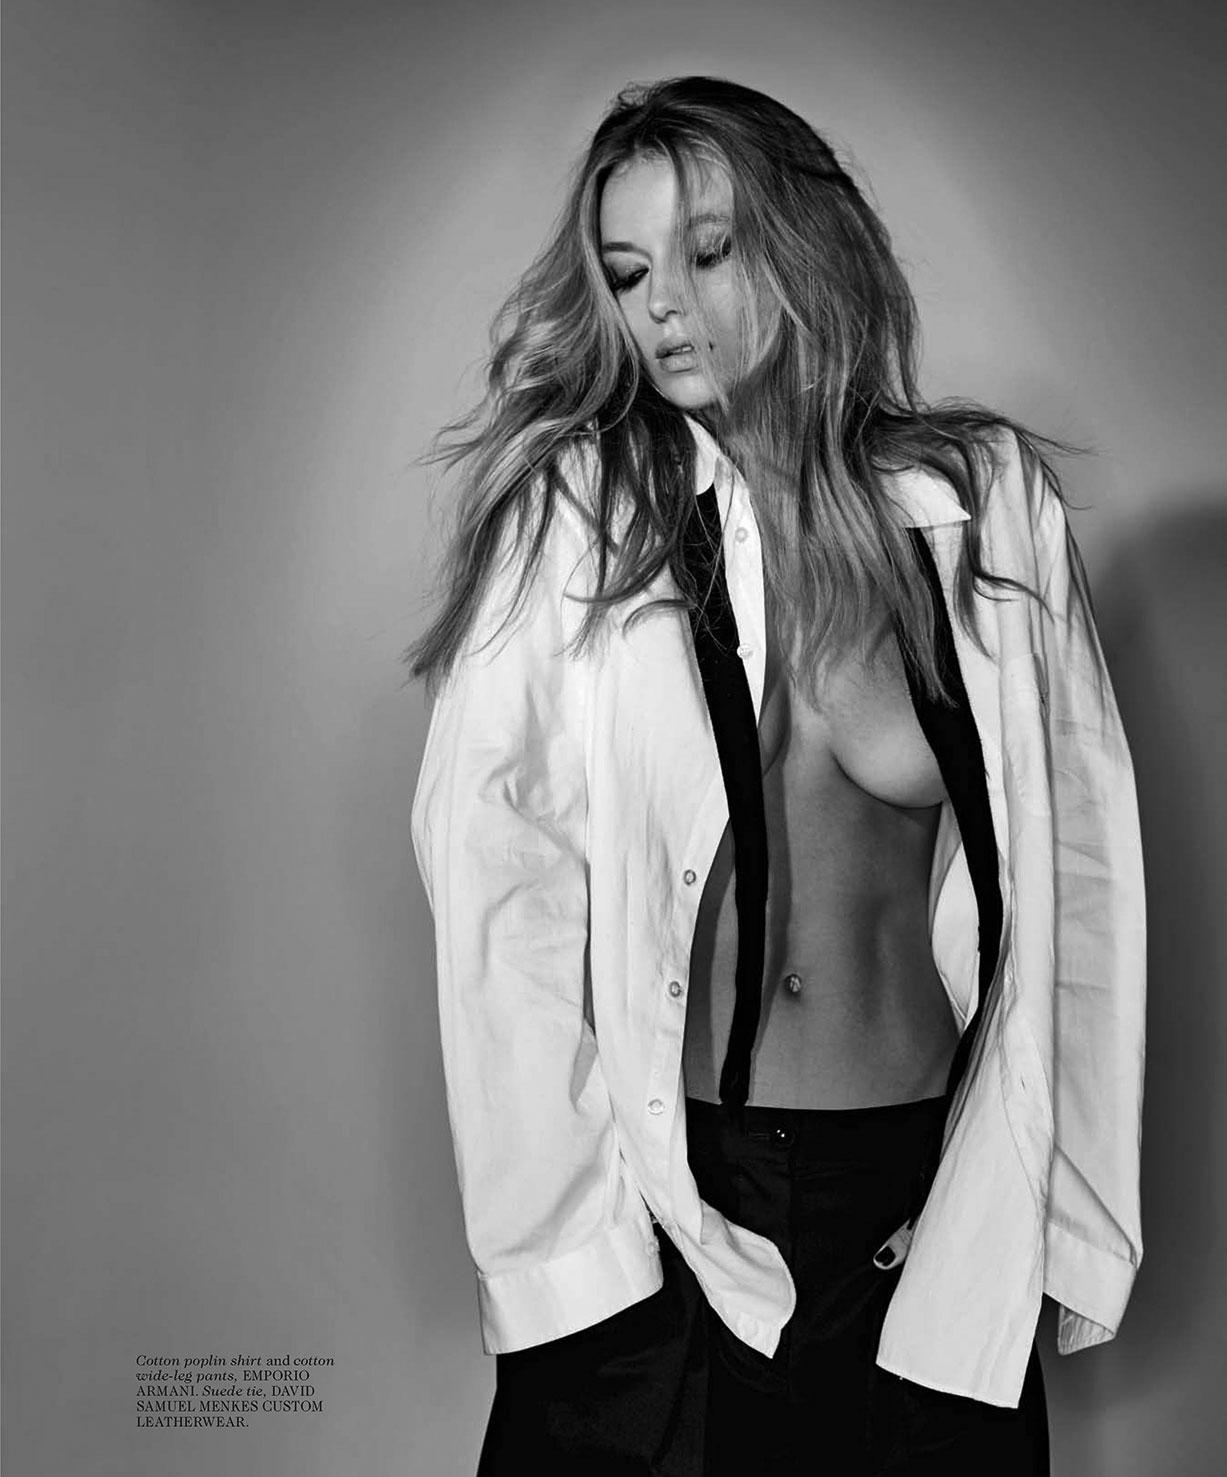 сексапильная Ханна Фергюсон / Hannah Ferguson by Gilles Bensimon - Maxim november 2016